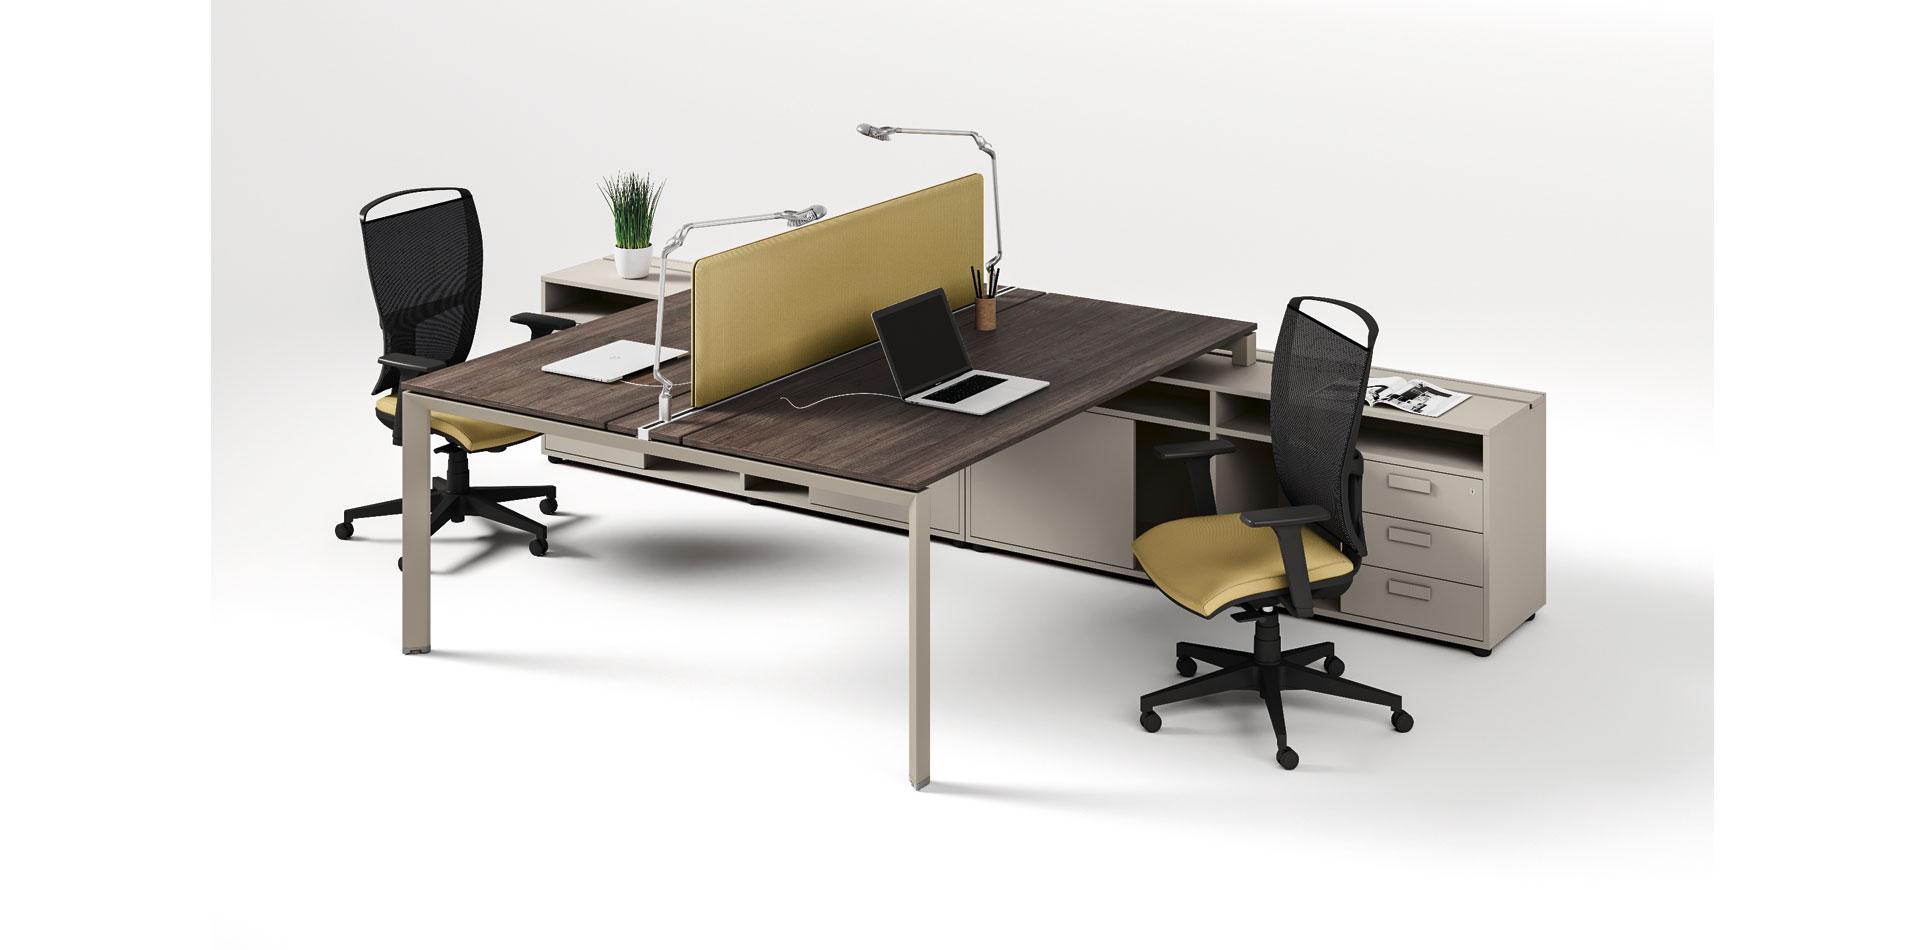 Easy pro 5 bureau double - Easy PRO bureaux